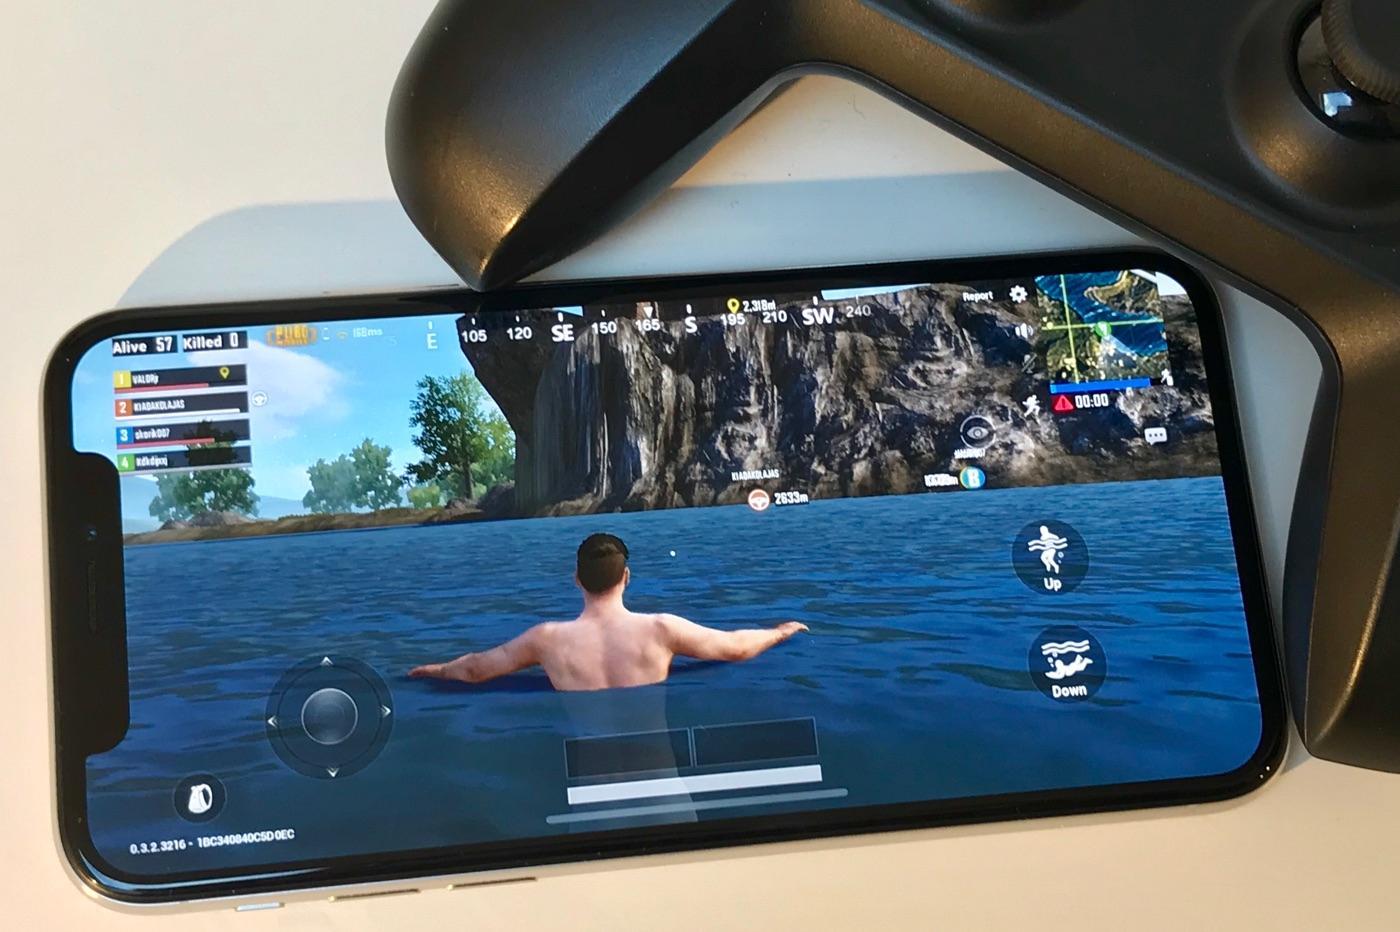 Les Meilleurs Jeux Iphone Et Ipad 2018 Par Iphon.fr intérieur Jeux De Personnage Gratuit